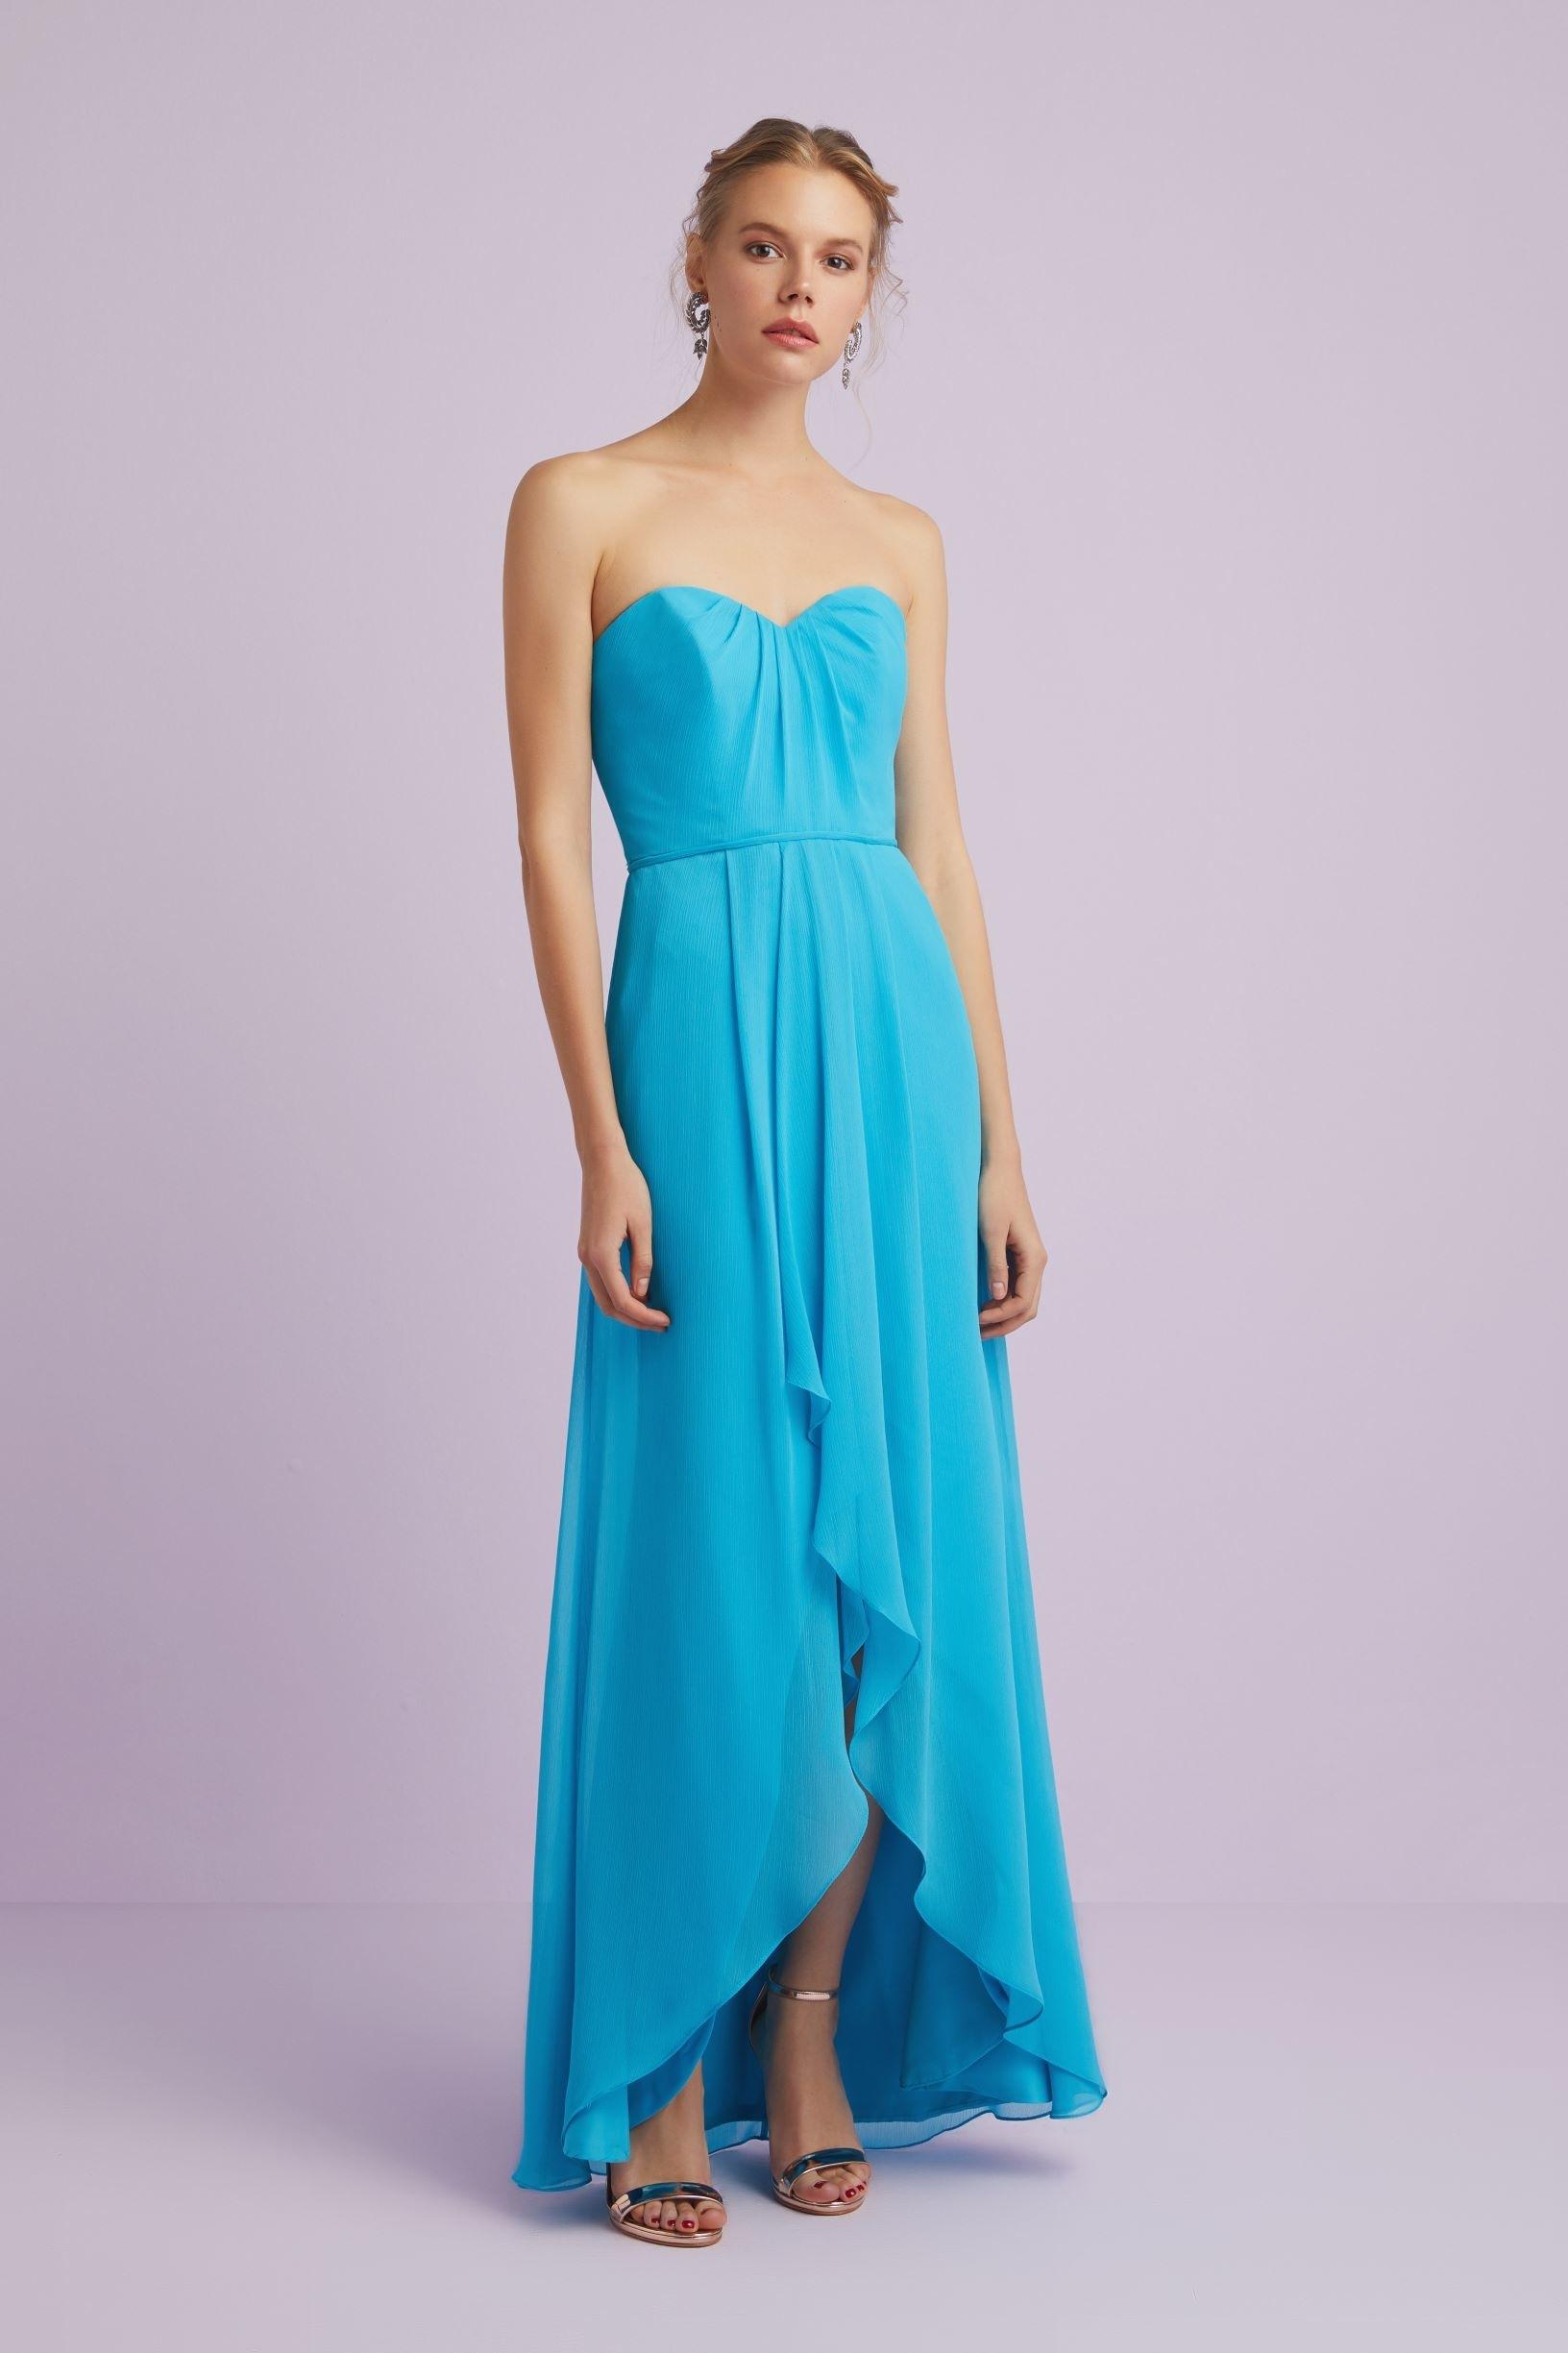 Mavi Straplez Uzun Abiye Elbise